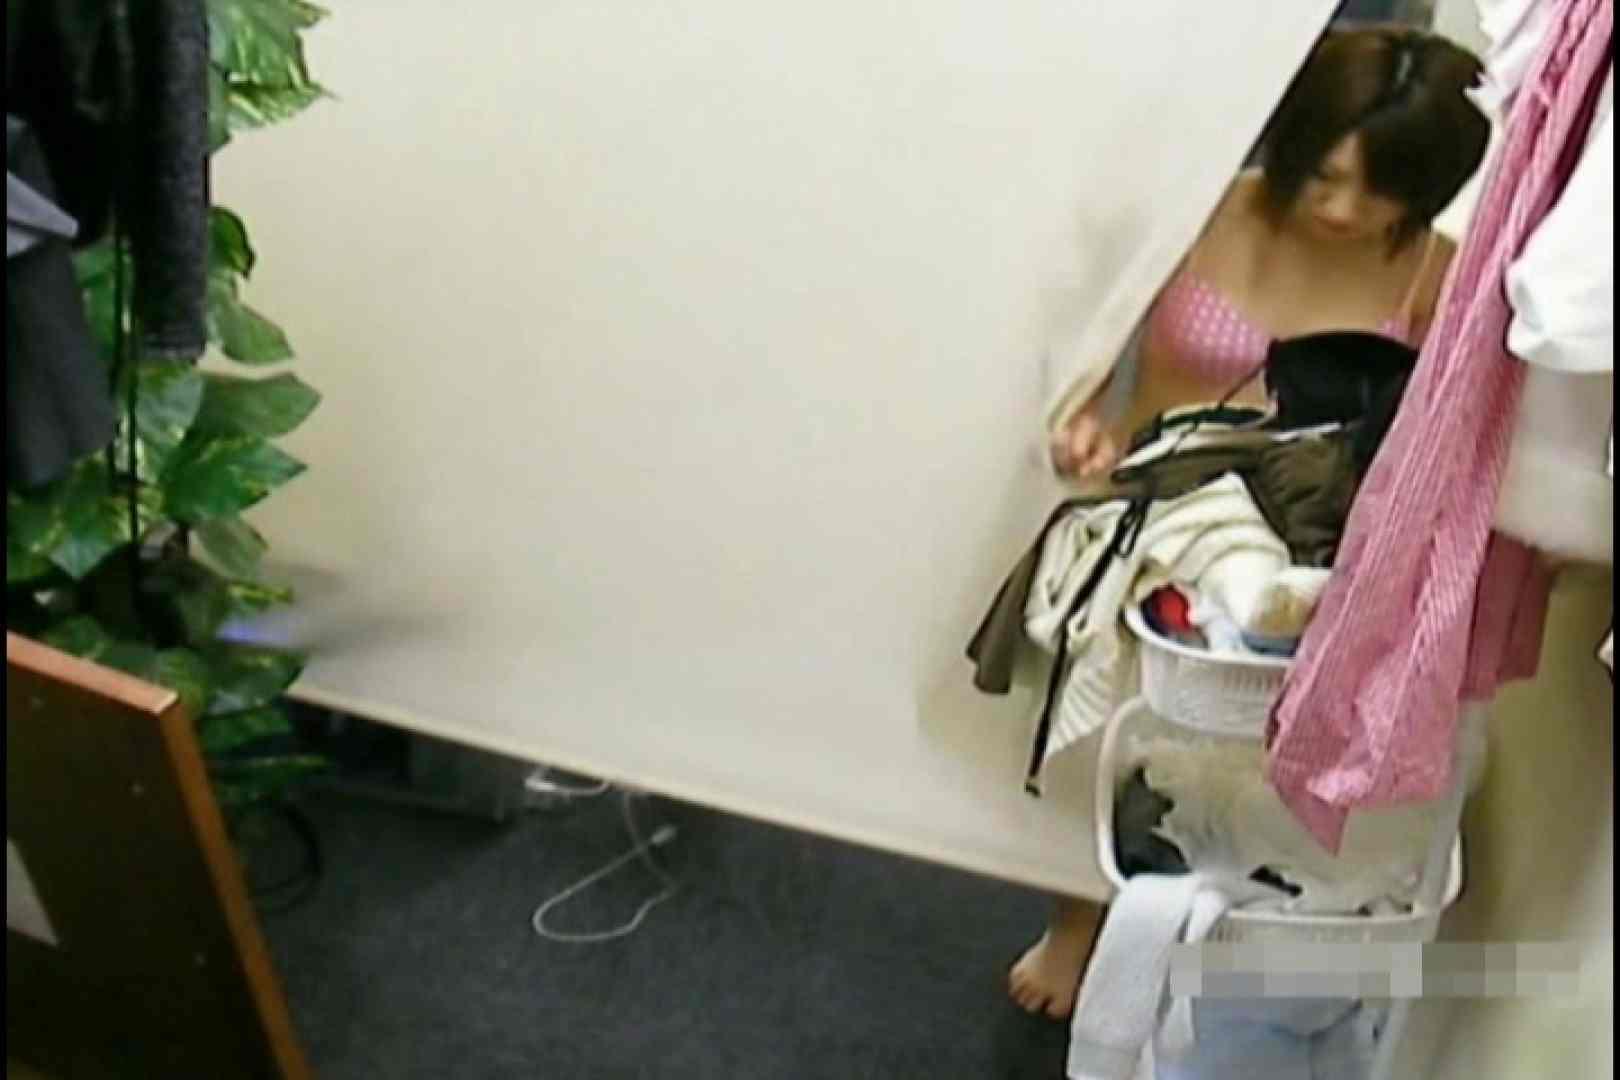 素人撮影 下着だけの撮影のはずが・・・れみ18歳 おっぱい  94連発 85